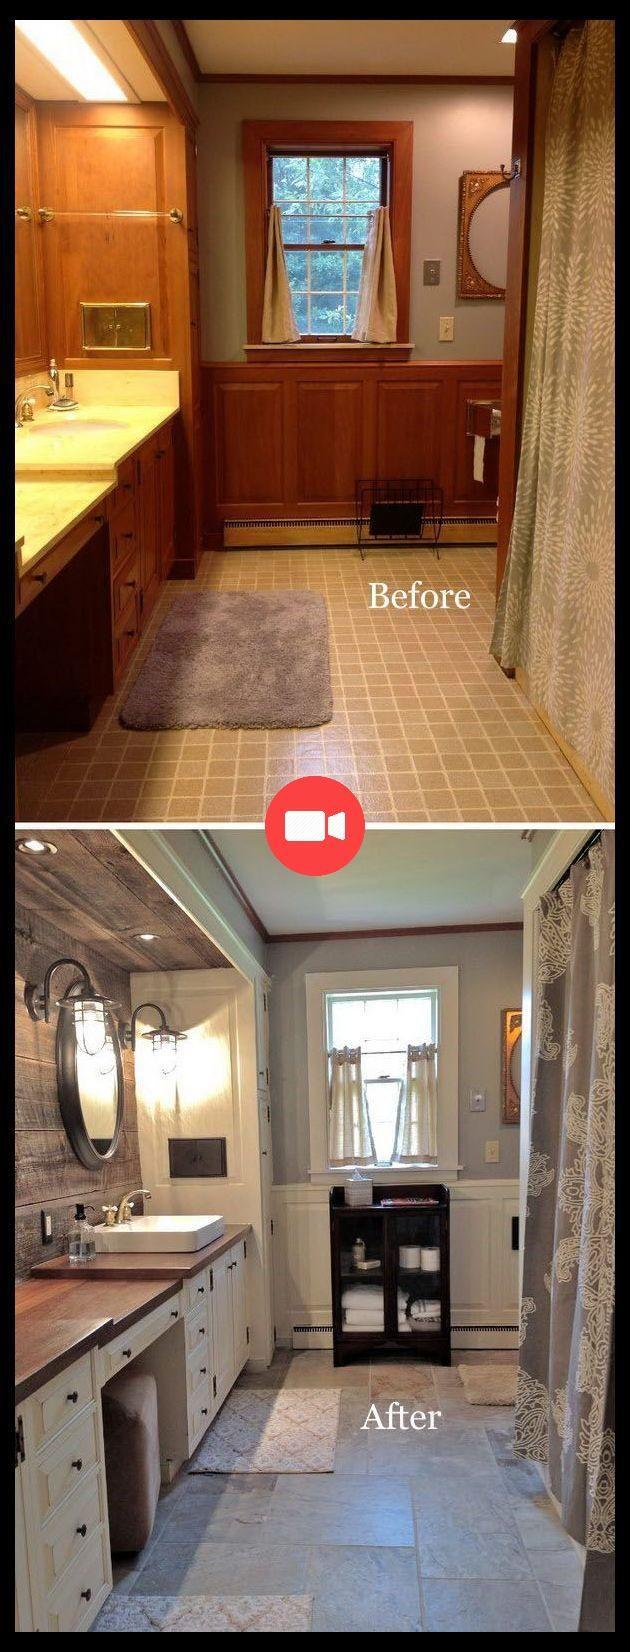 Avant et Après: 40 Étonnante salle de Bains Relooking salle de Bain Petite, Relooking Avant Et Après ... #ideesdemaquillage #maquillagefaciles #homestagingavantapres